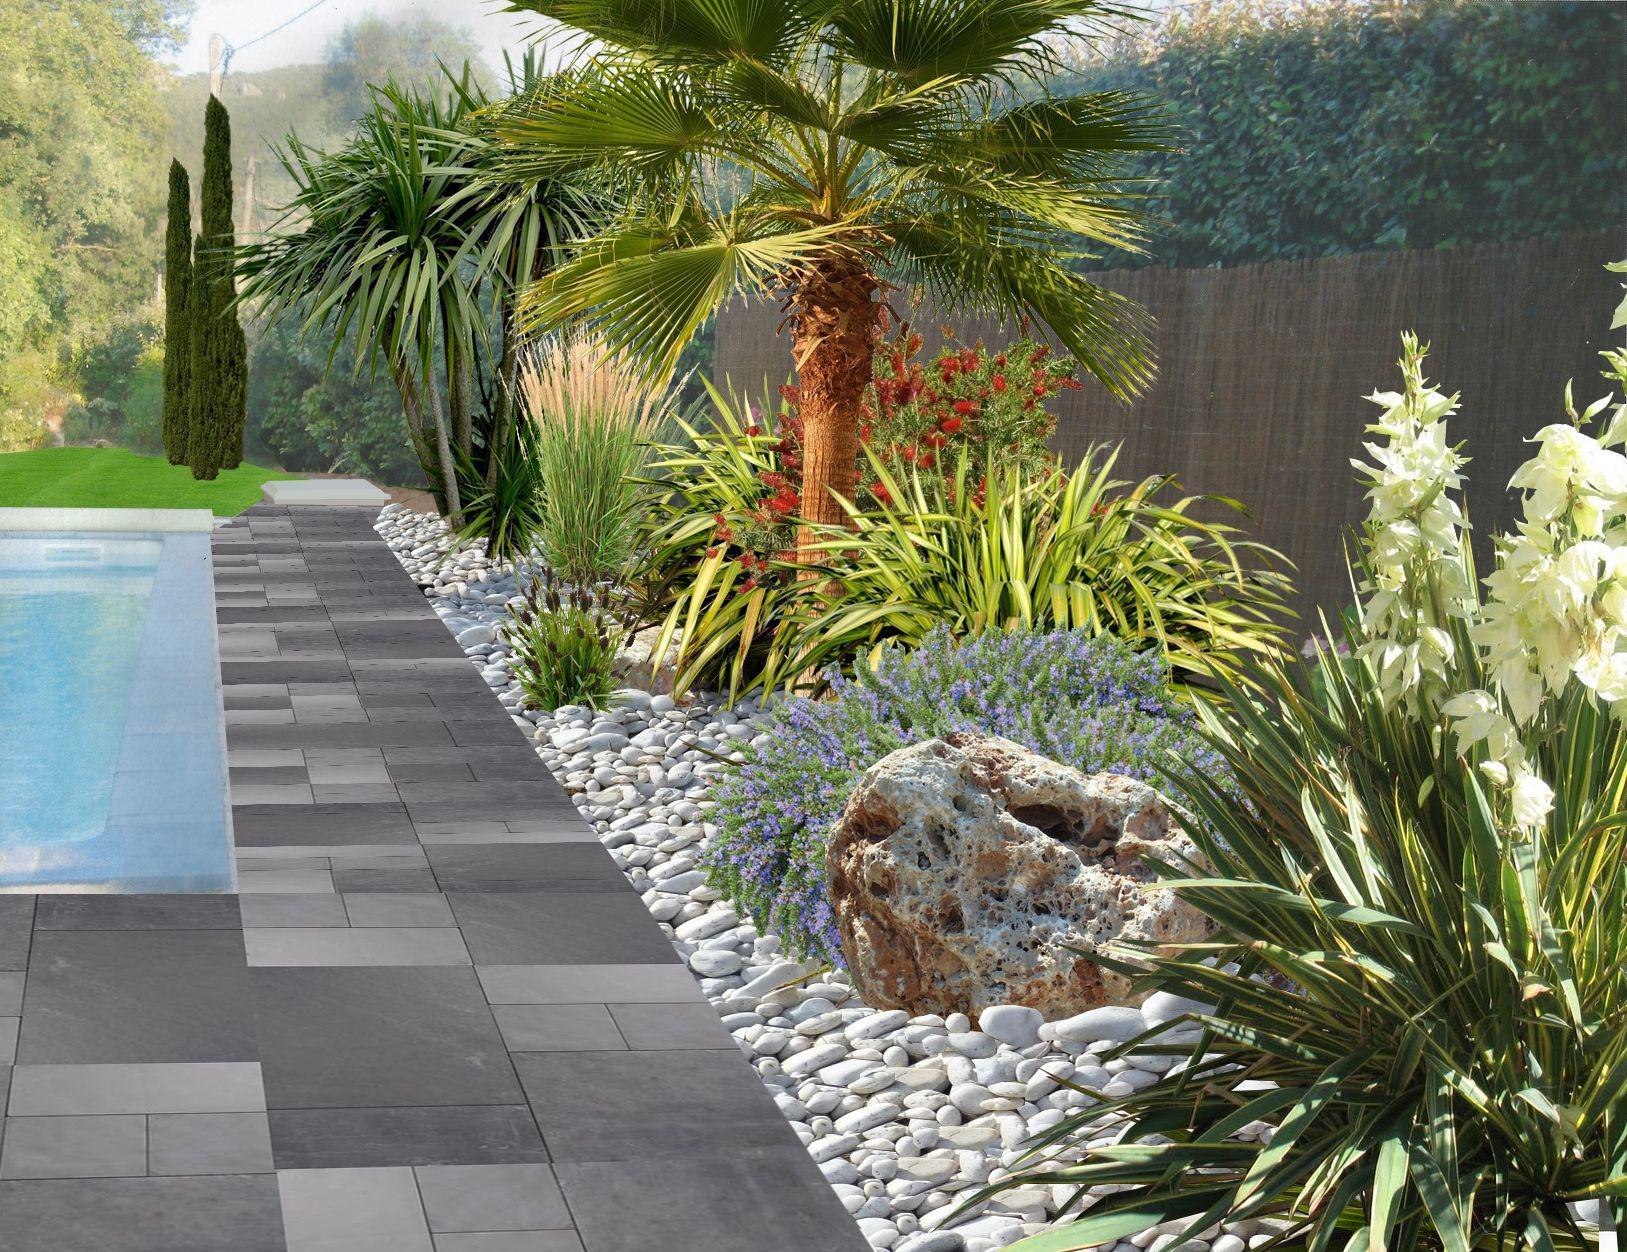 Faire un jardin autour d une piscine planter les abords d for Quelle plante autour d une piscine